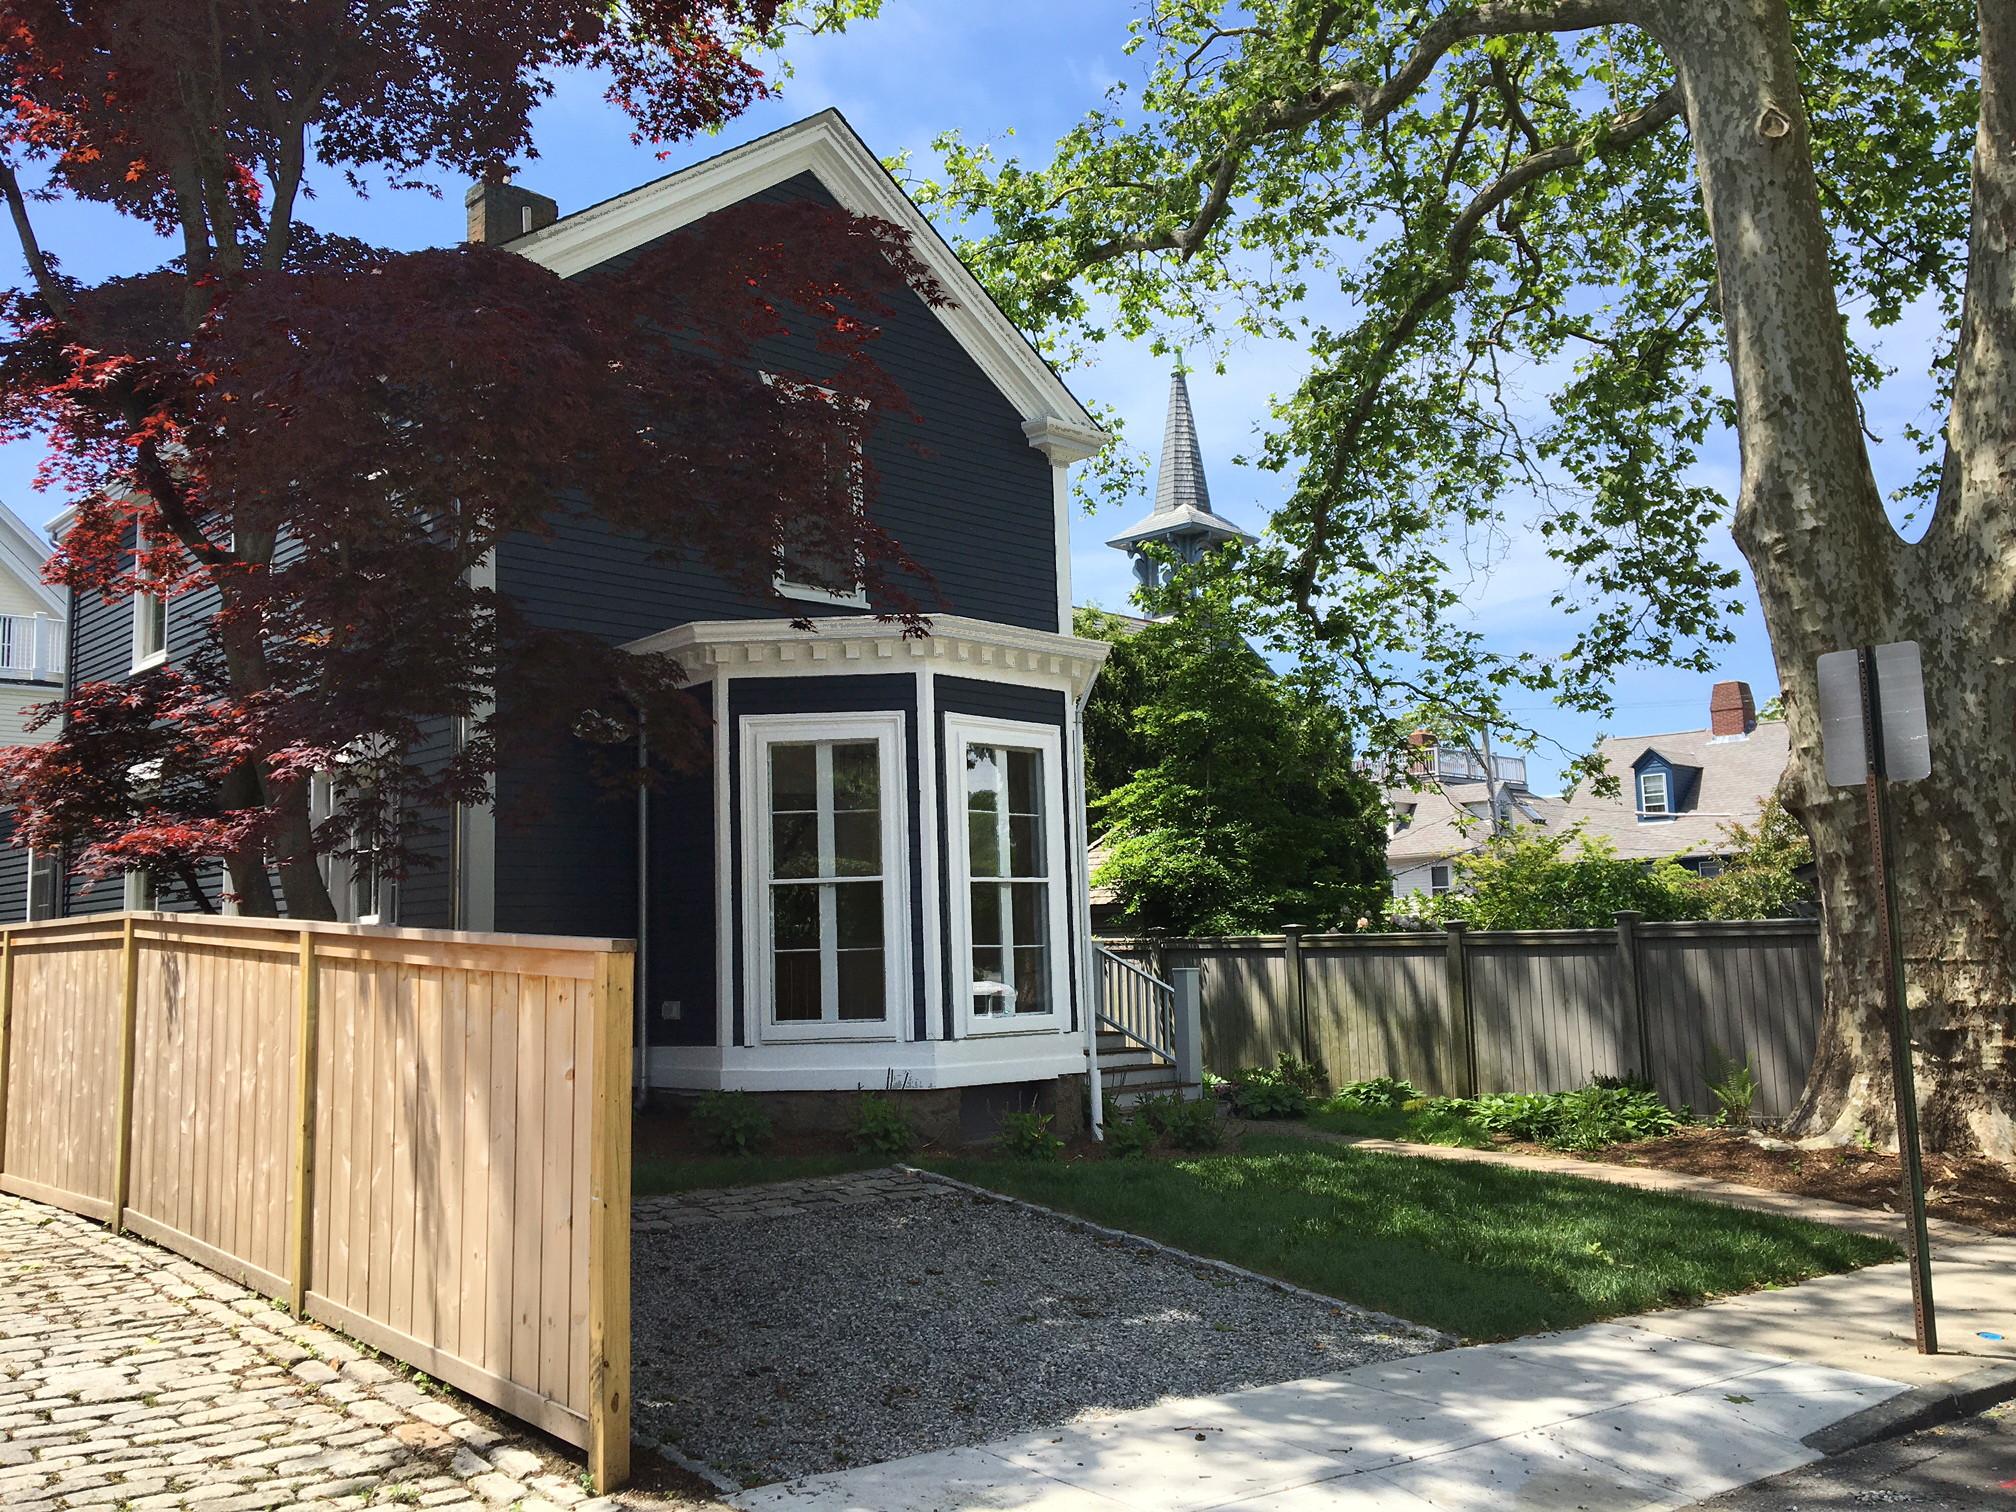 独户住宅 为 销售 在 Historic Hill 103 Mill Street 纽波特, 罗得岛 02840 美国